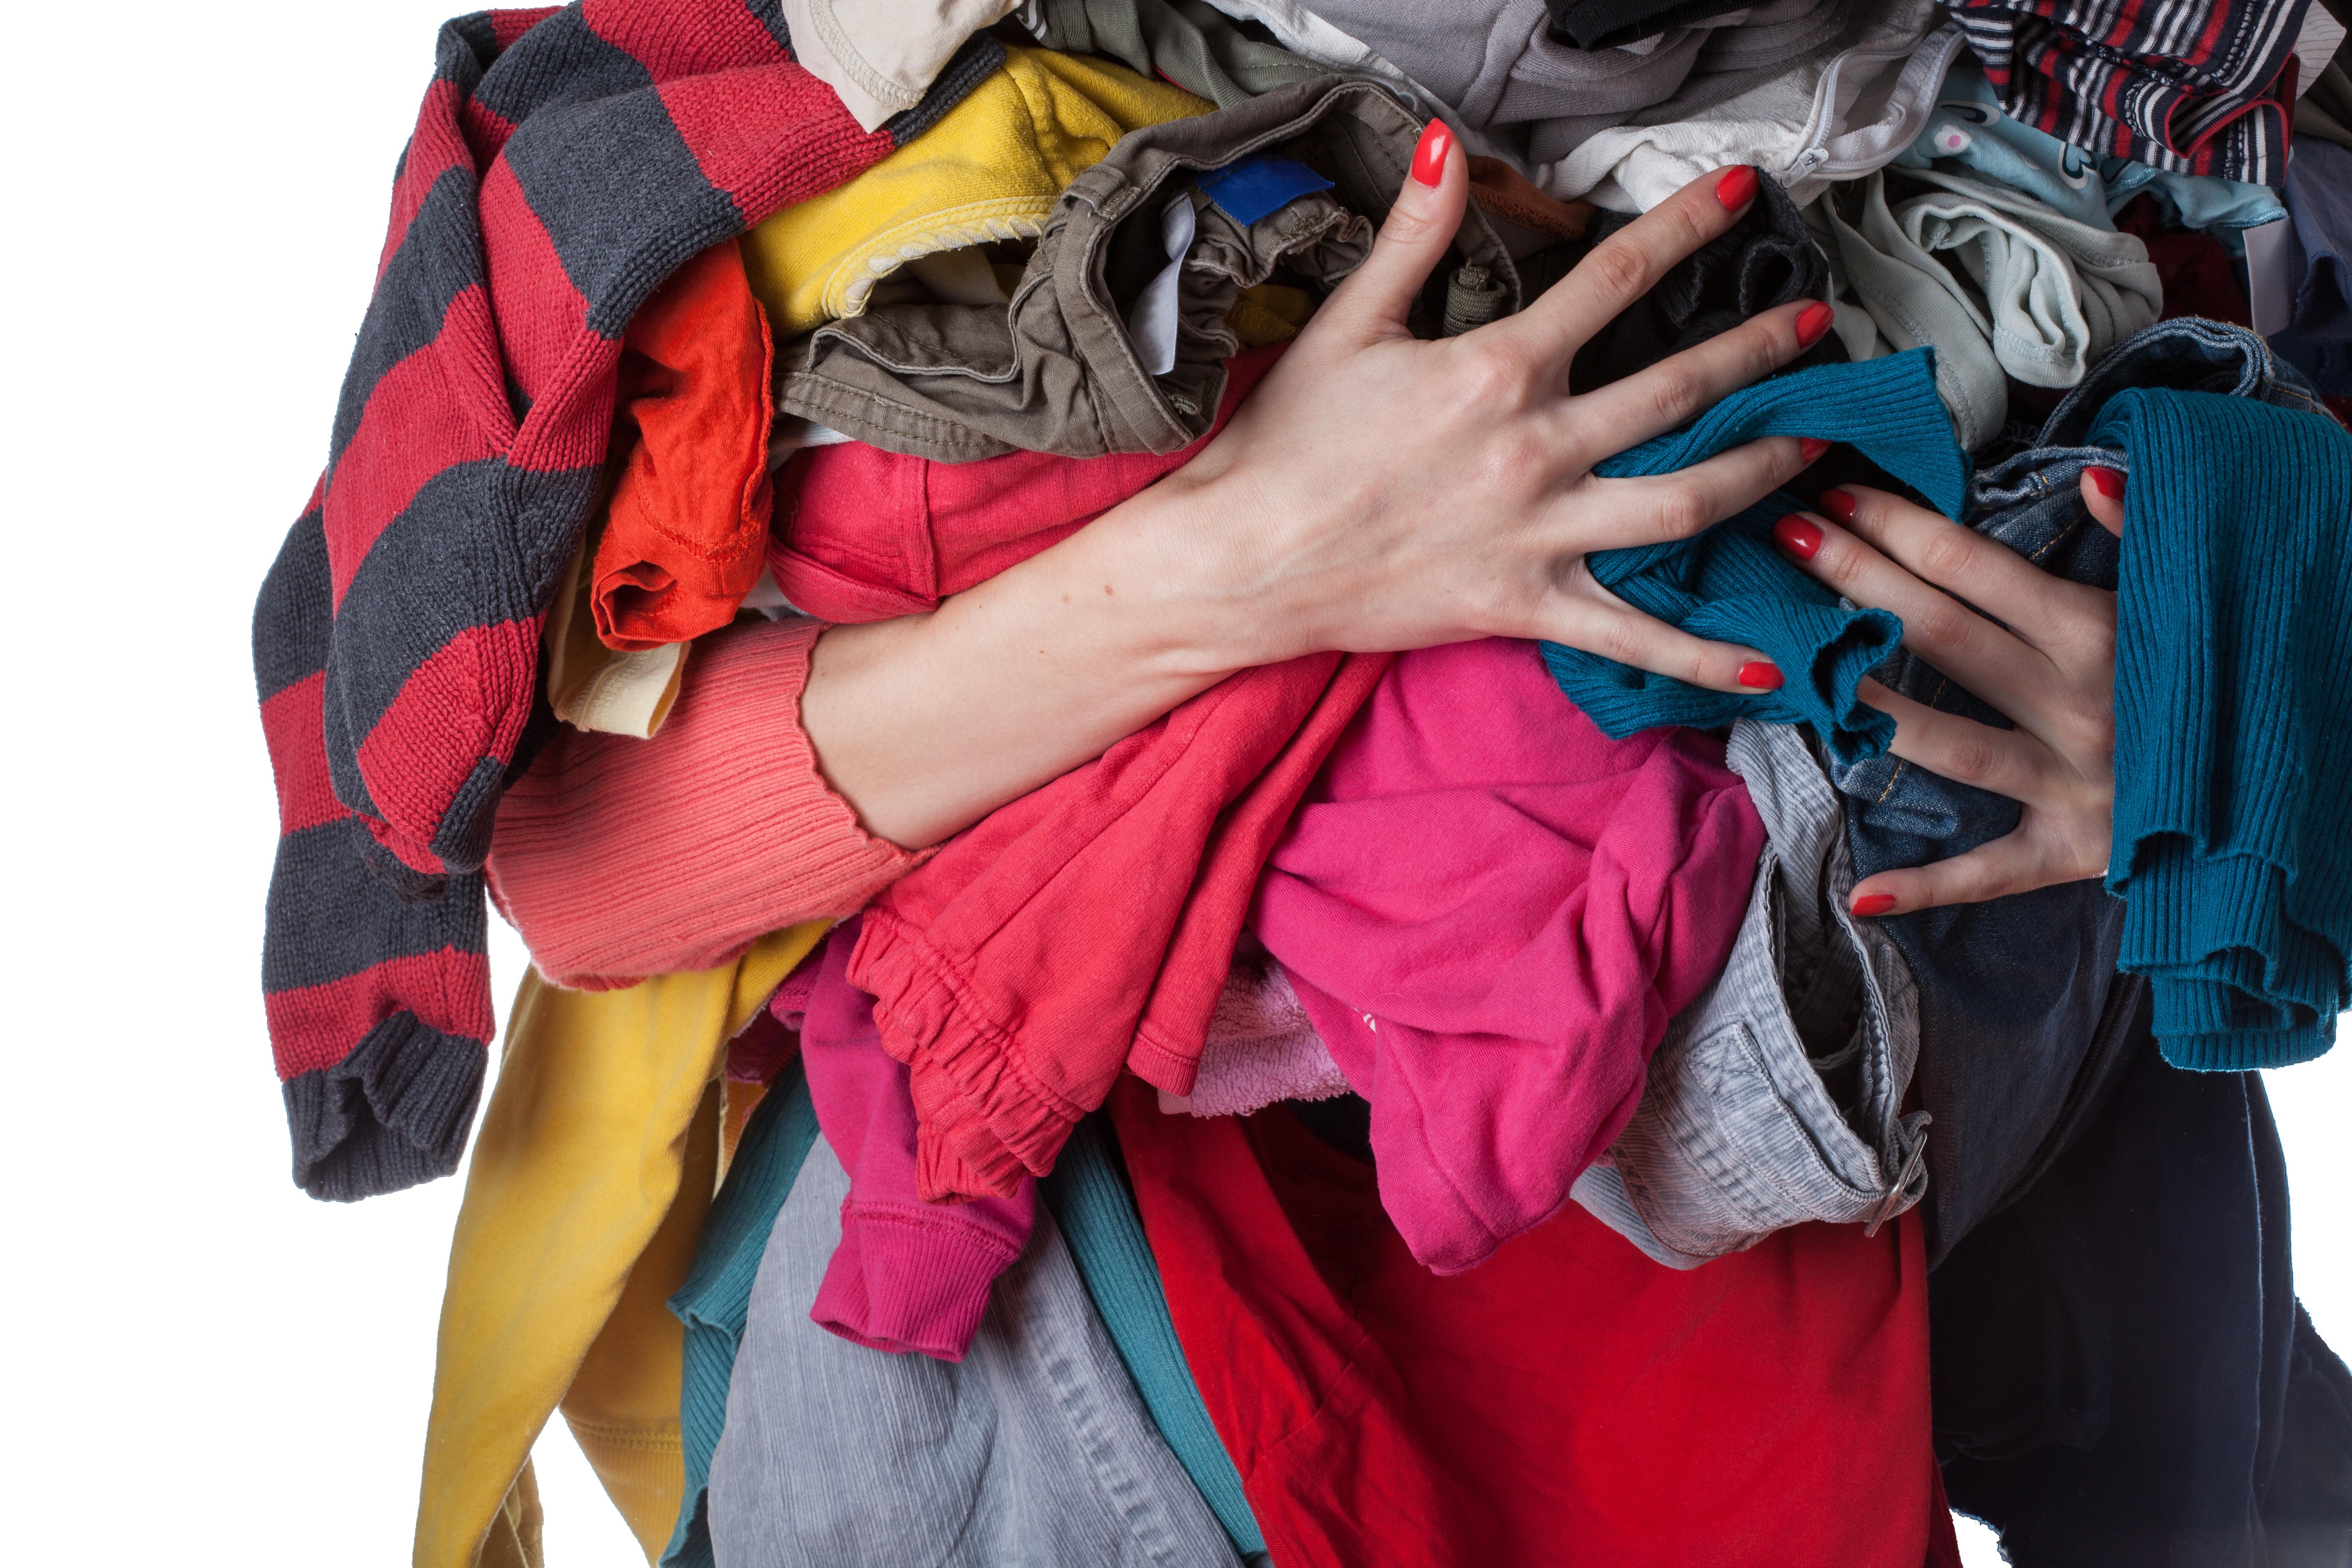 primark clothes